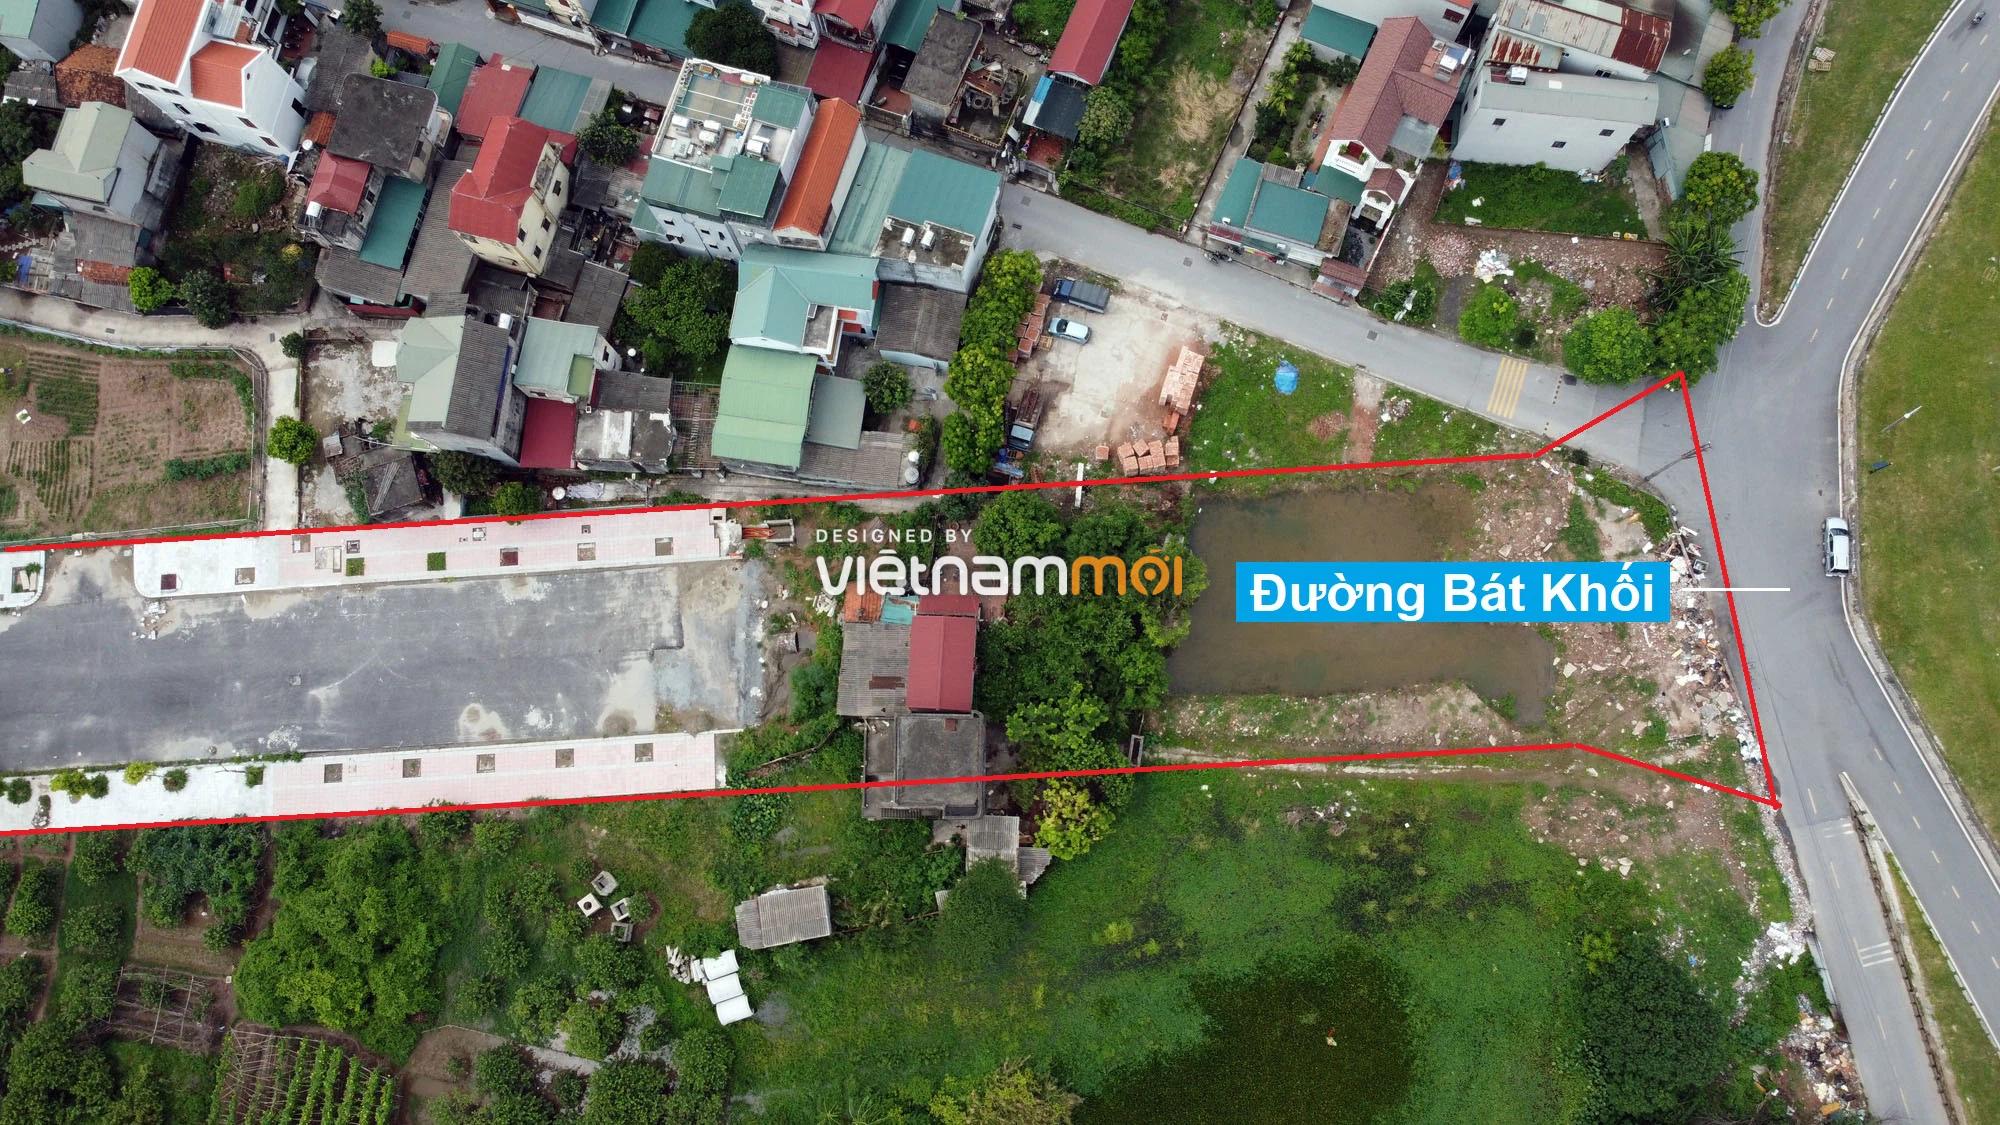 Toàn cảnh đường nối Bát Khối - QL1A đang mở theo quy hoạch ở quận Long Biên, Hà Nội - Ảnh 10.